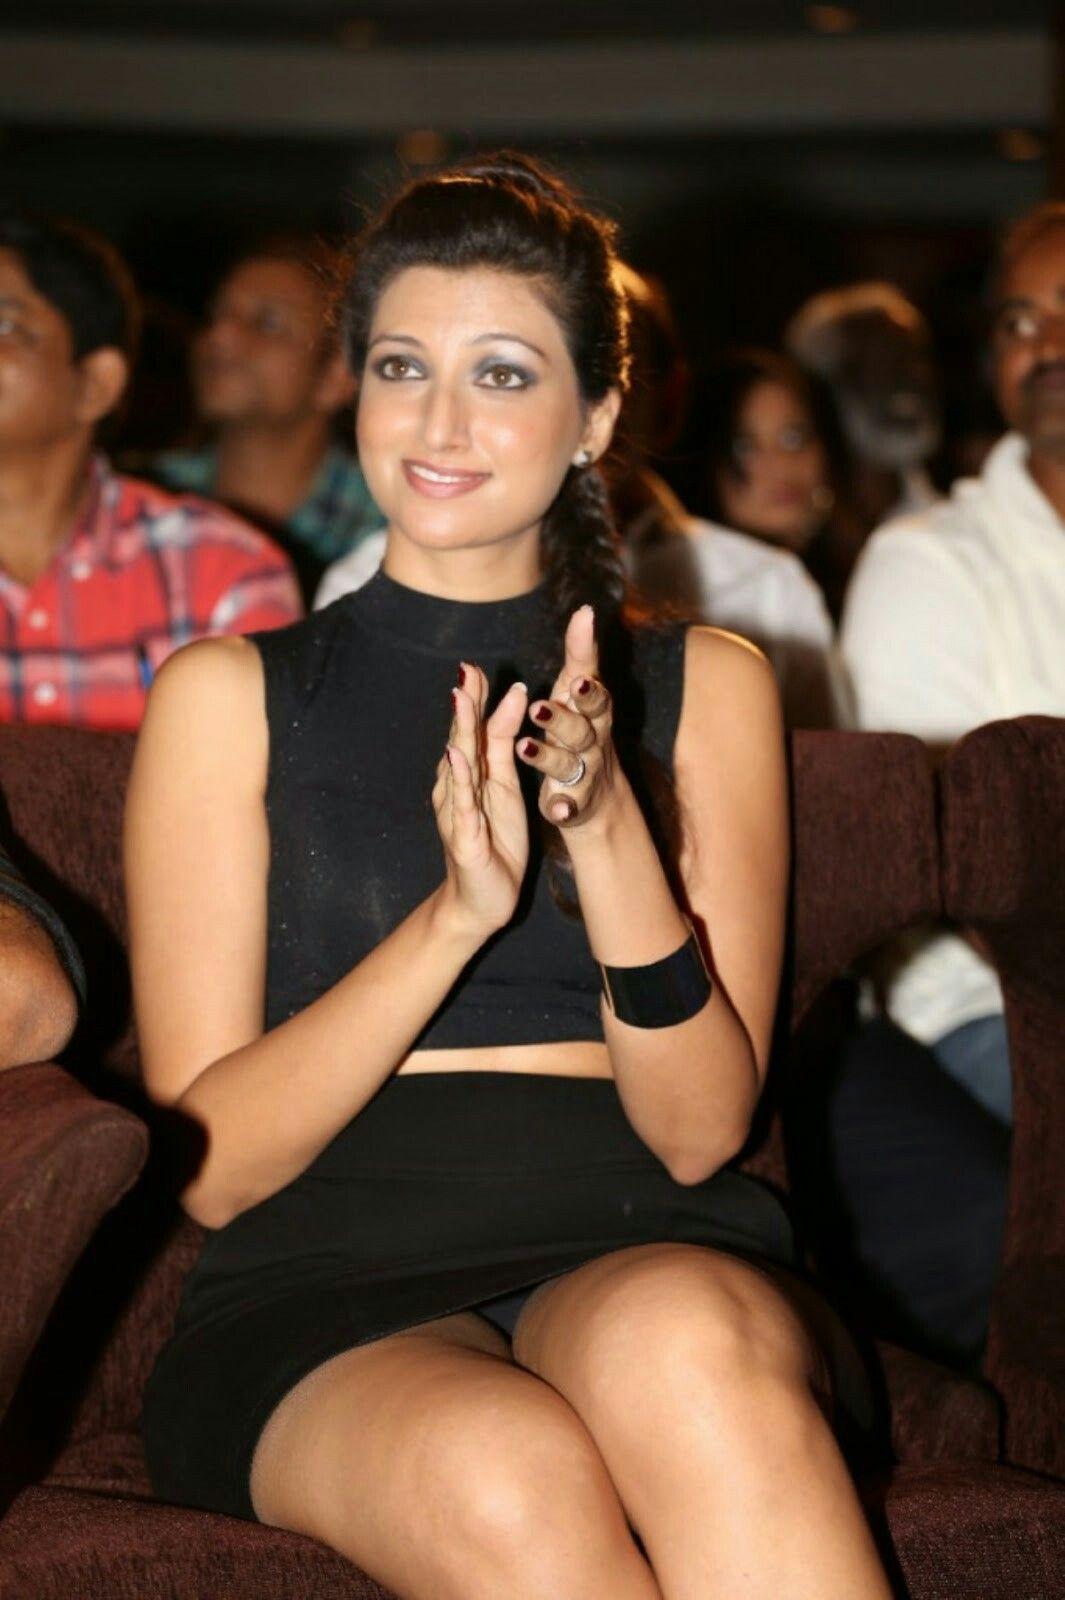 peek panty actresses Indian upskirt